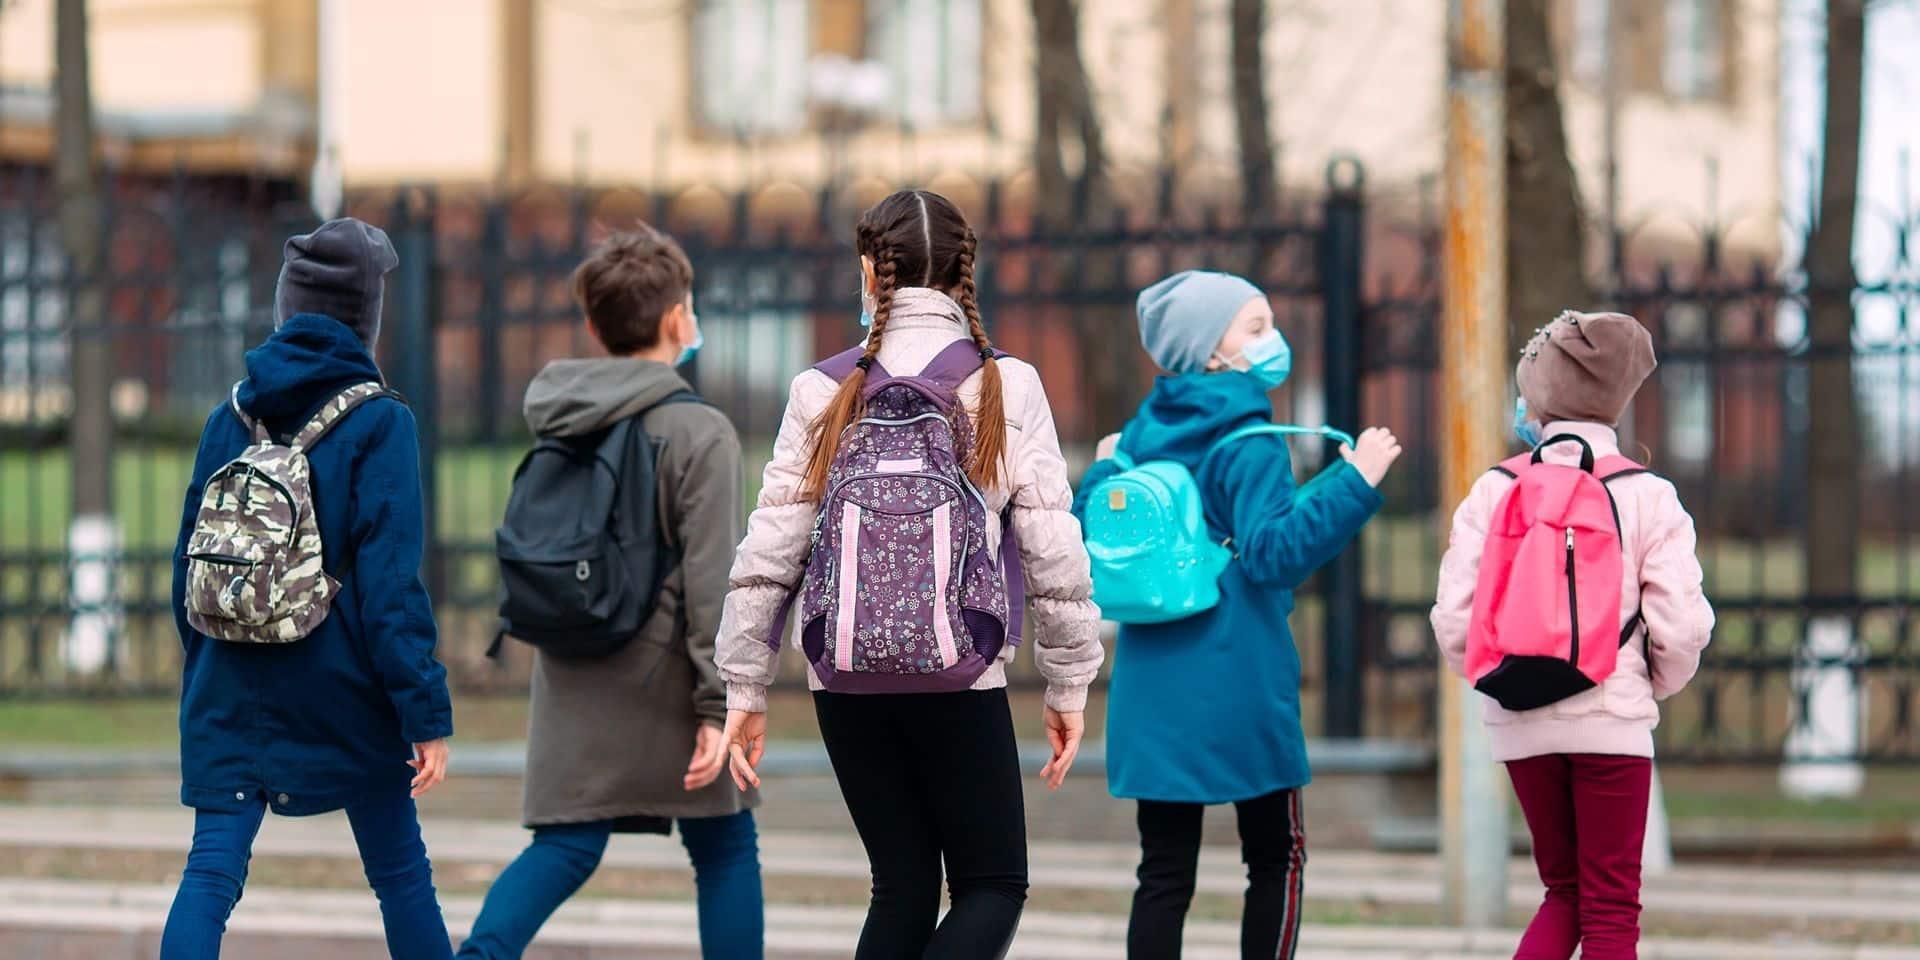 """L'échevine de l'enseignement de Gand s'inquiète pour les écoles : """"Nous devrions sérieusement envisager cette idée"""""""